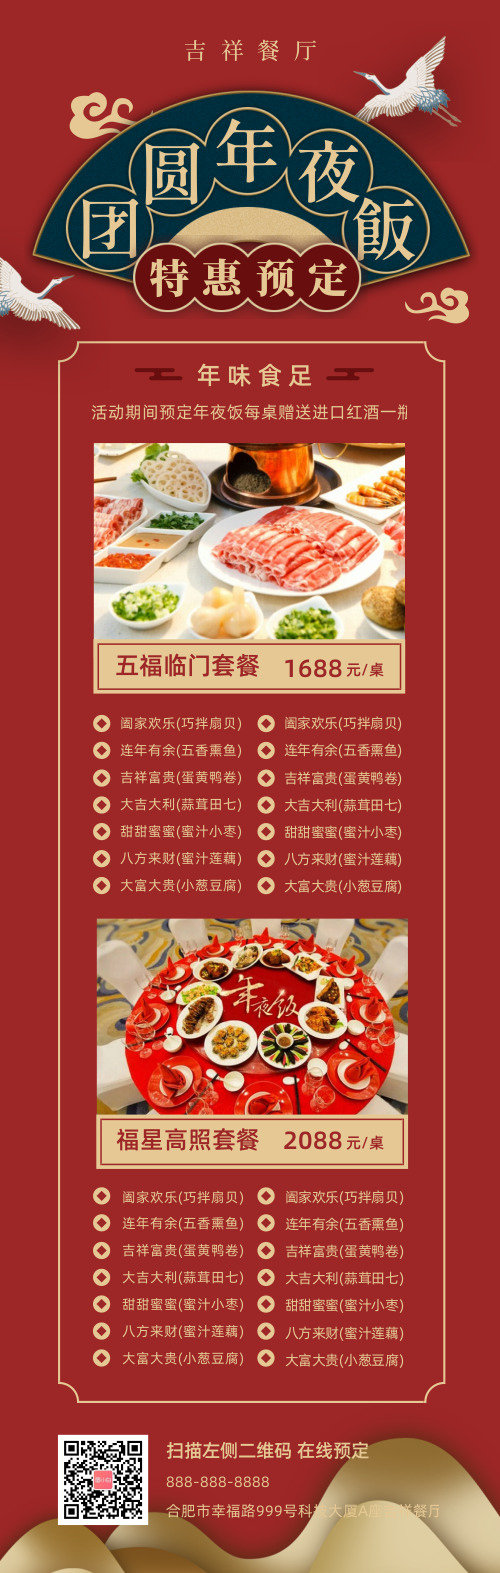 团圆年夜饭餐厅饭店预定餐饮业活动长图海报